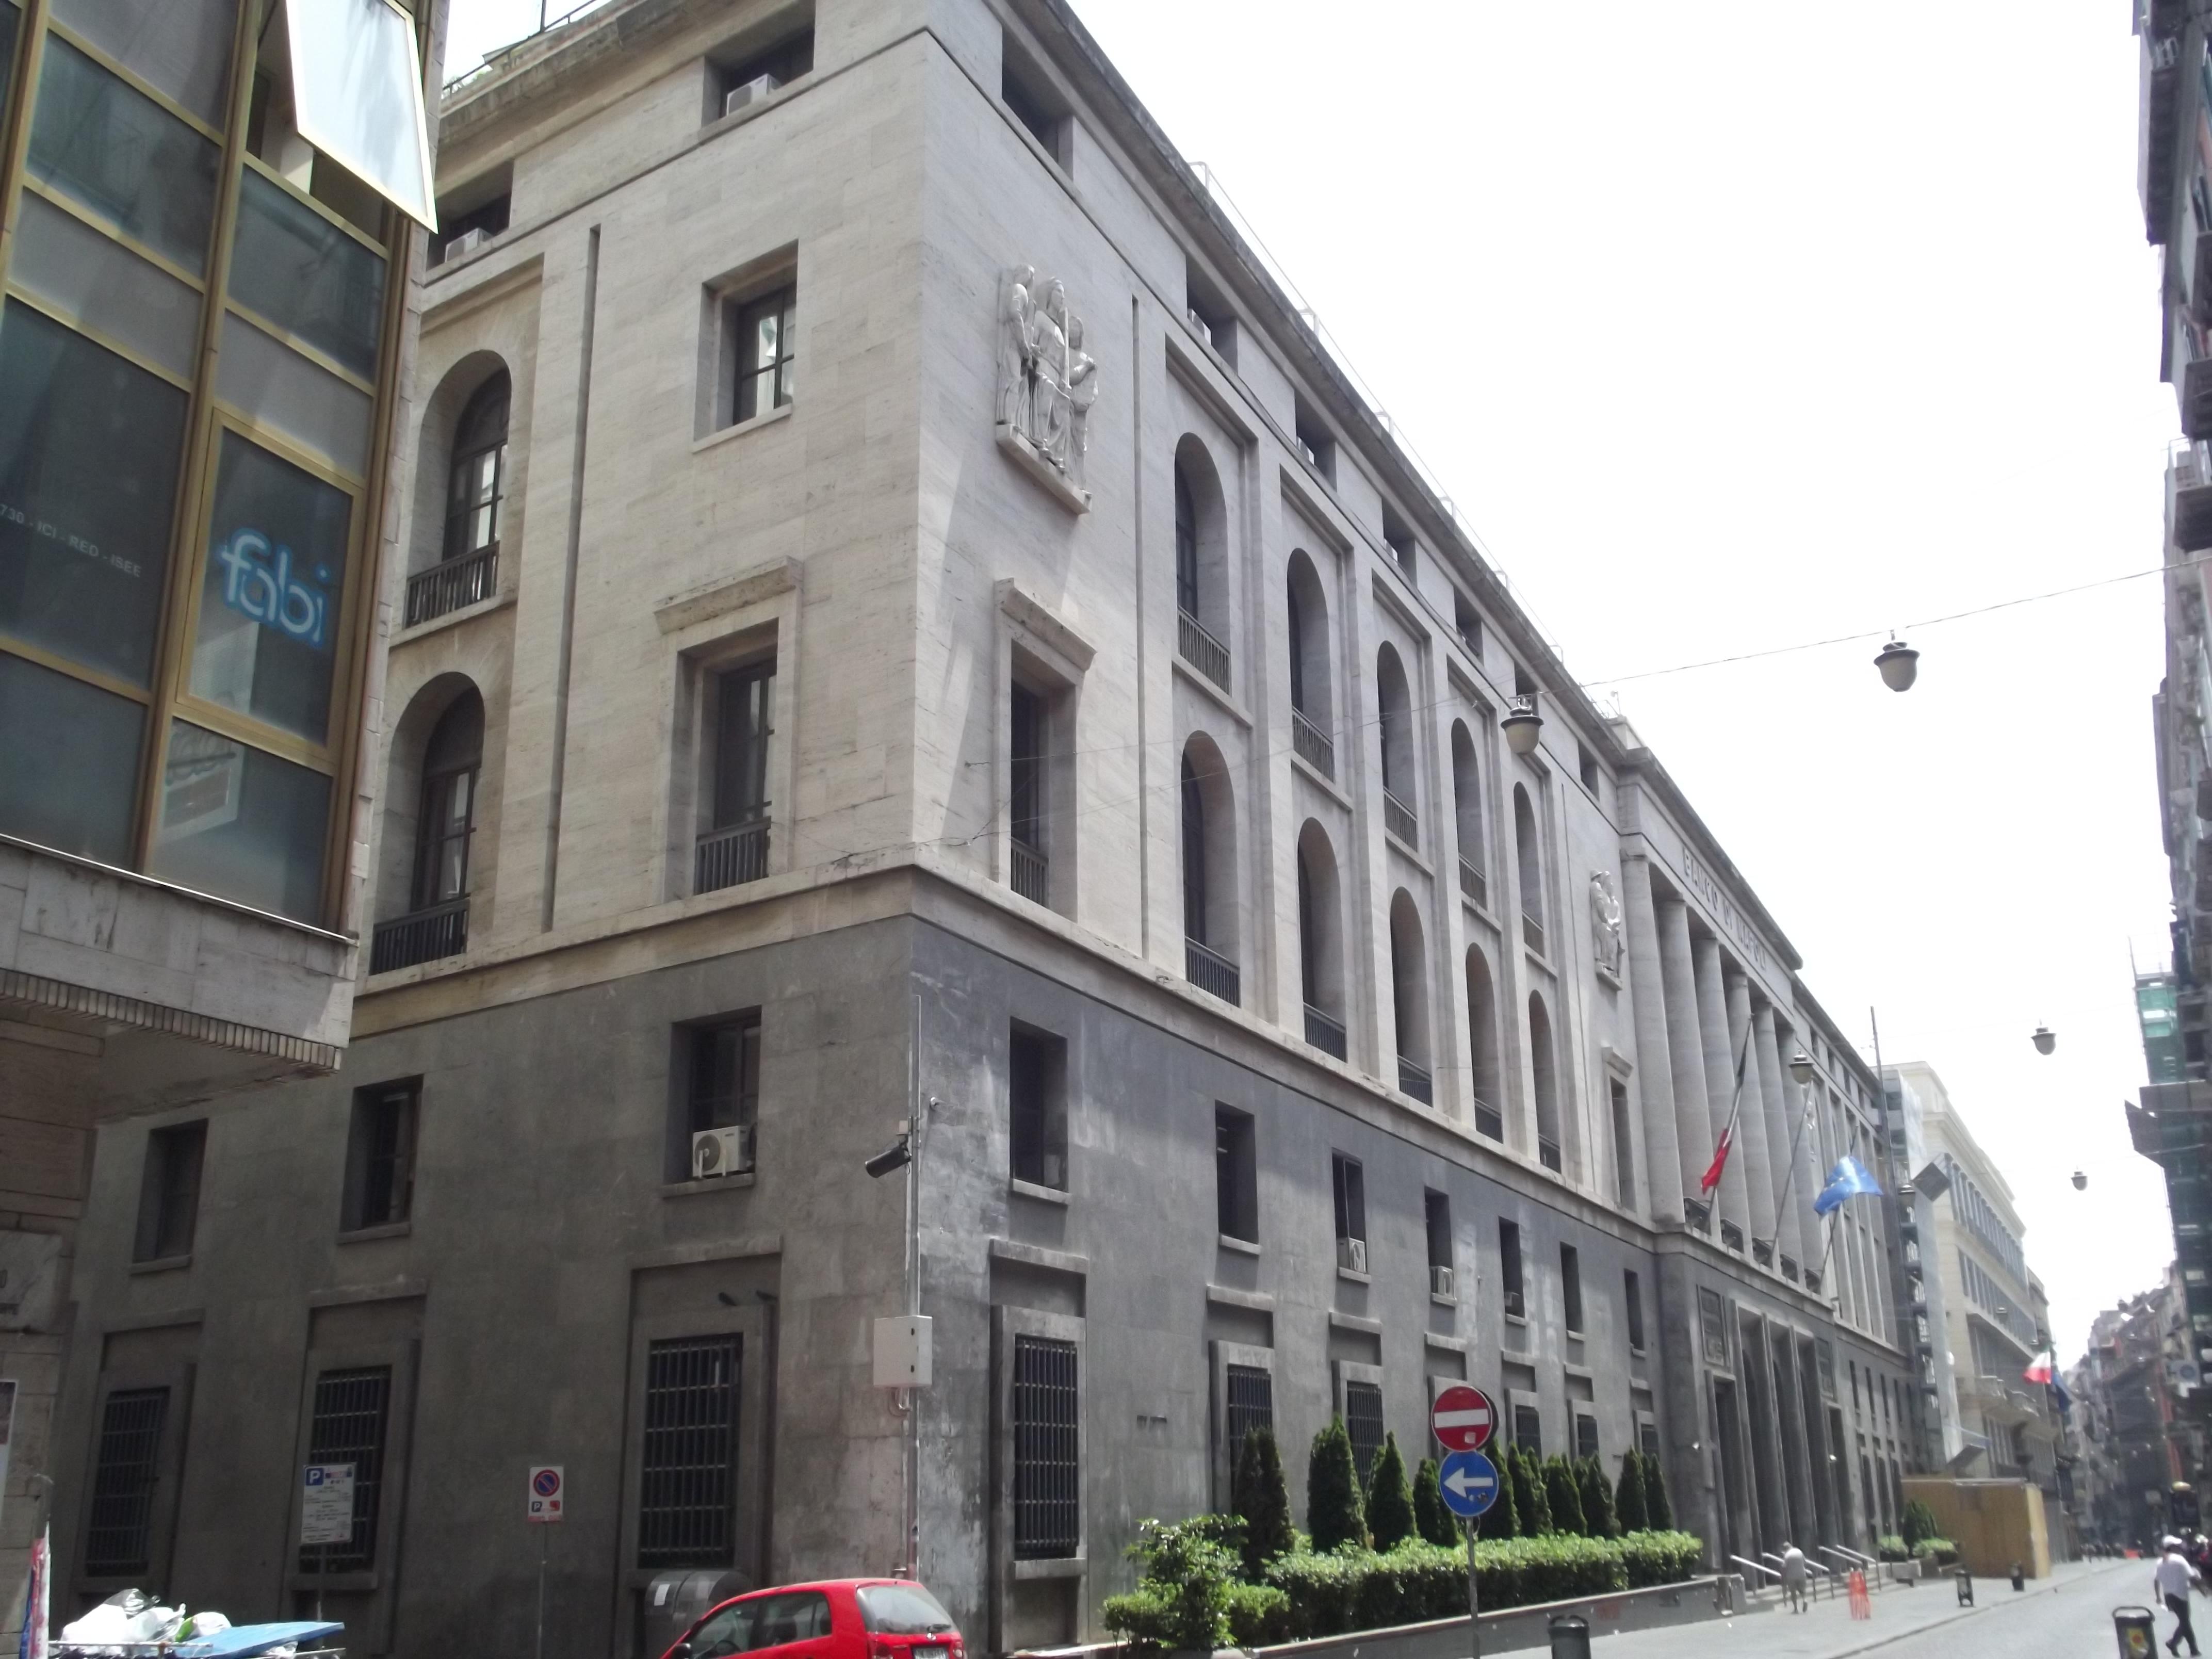 Lavoro Come Architetto Napoli palazzo del banco di napoli - wikipedia